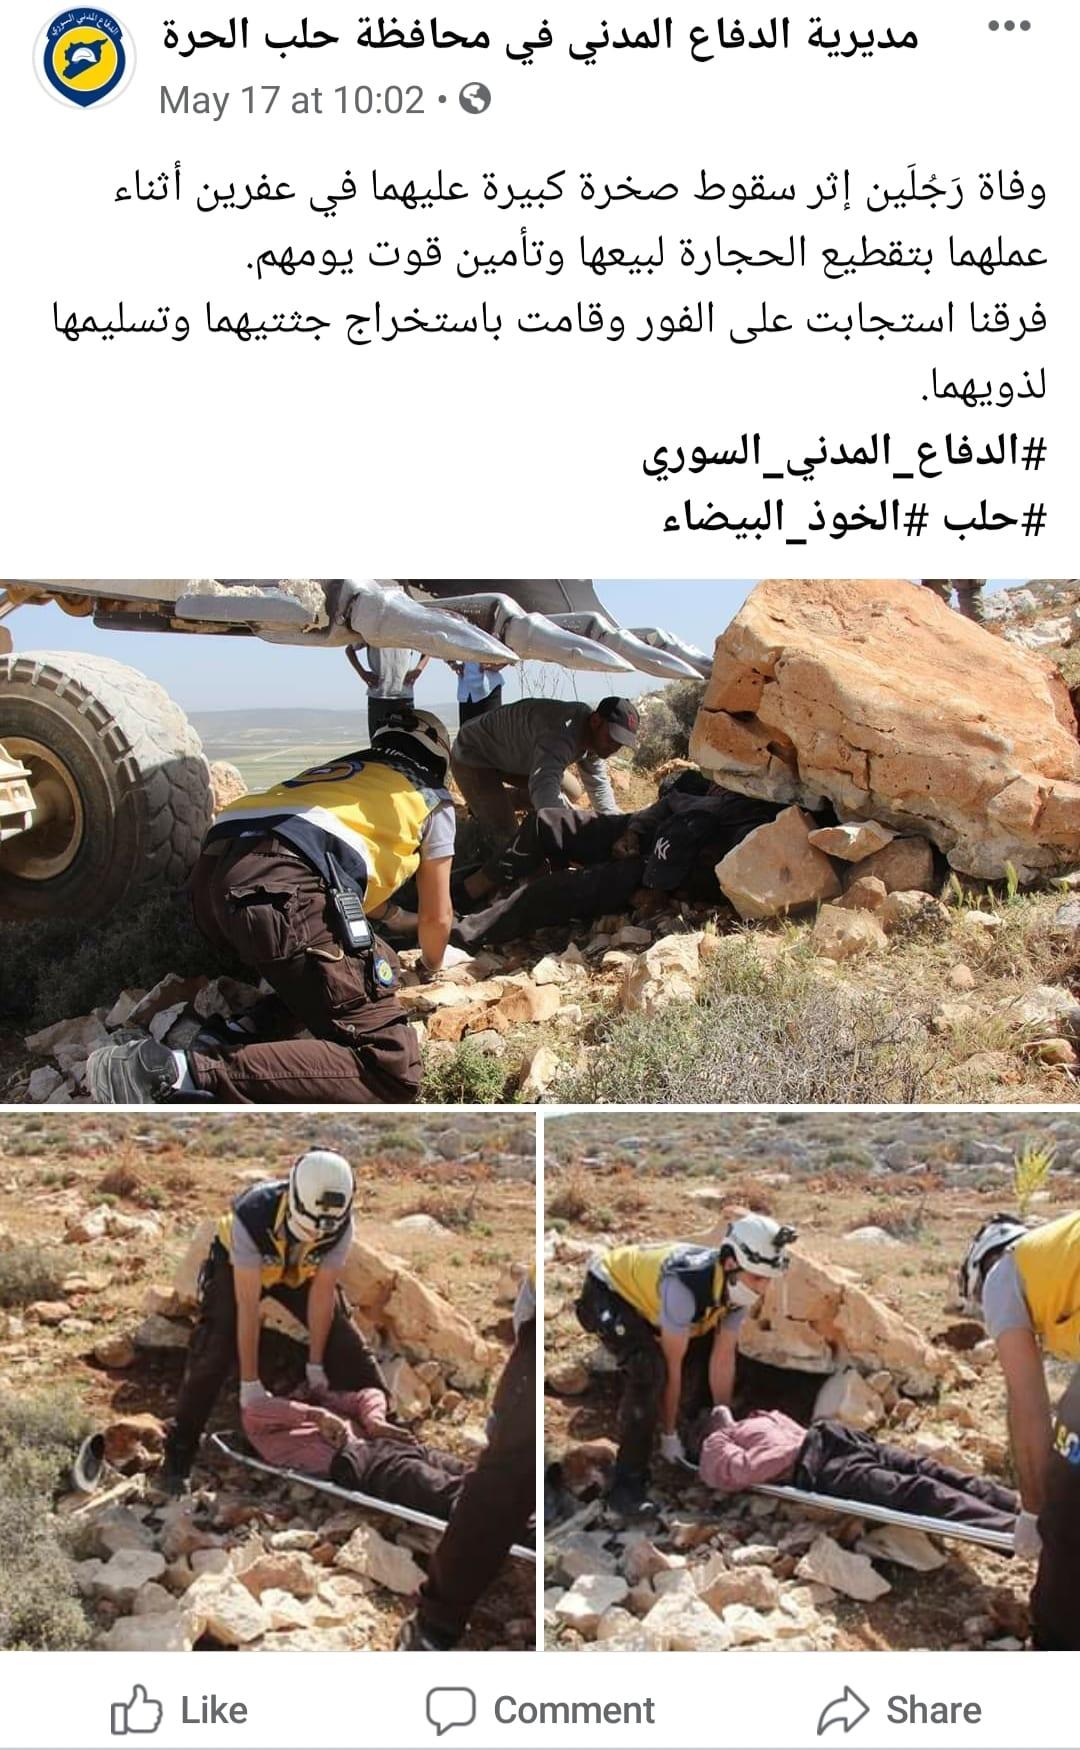 صورة شقيقين تقطيع الحجارة سوريا